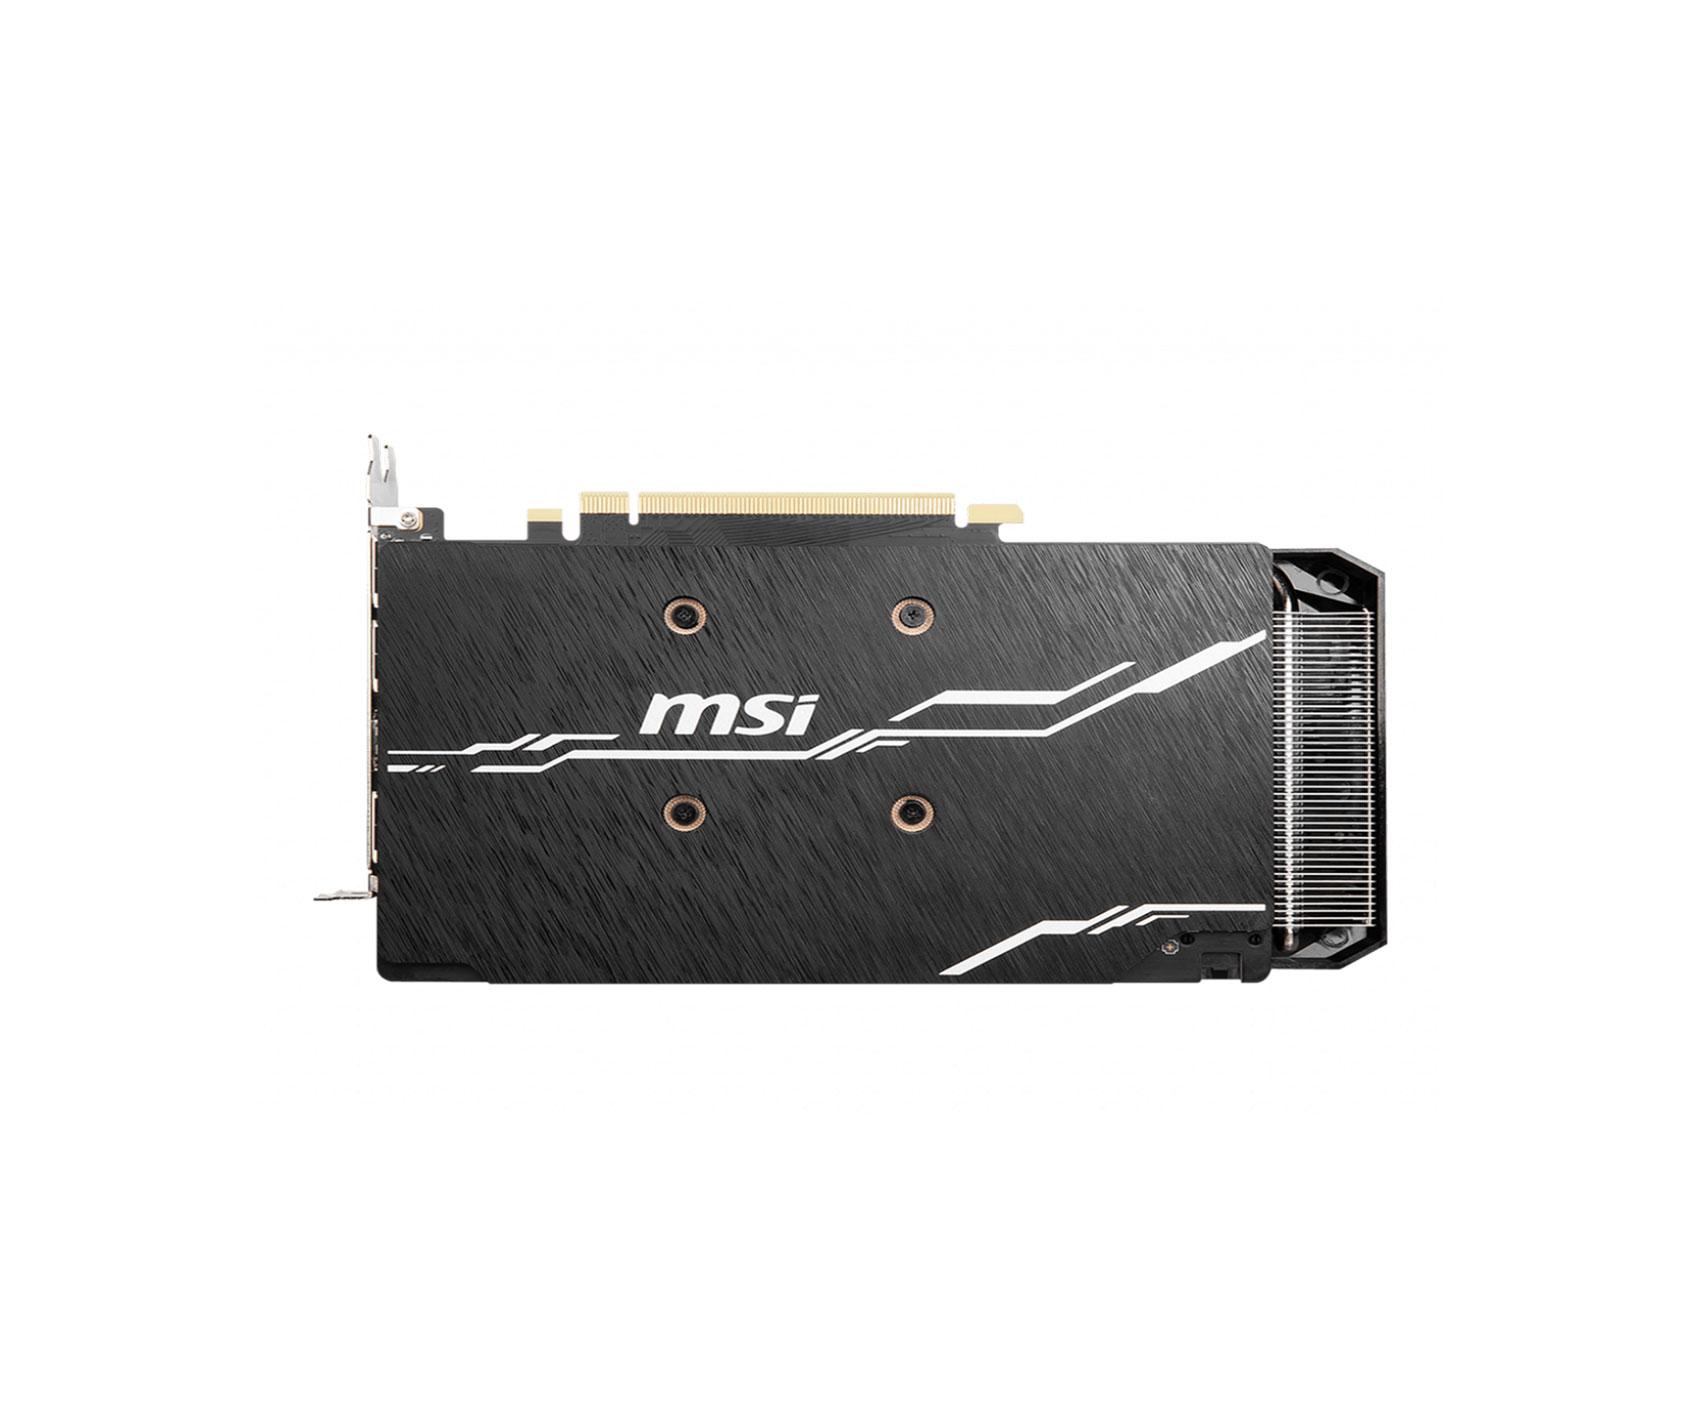 MSI GeForce GTX 1660 SUPER VENTUS OC Graphic Card